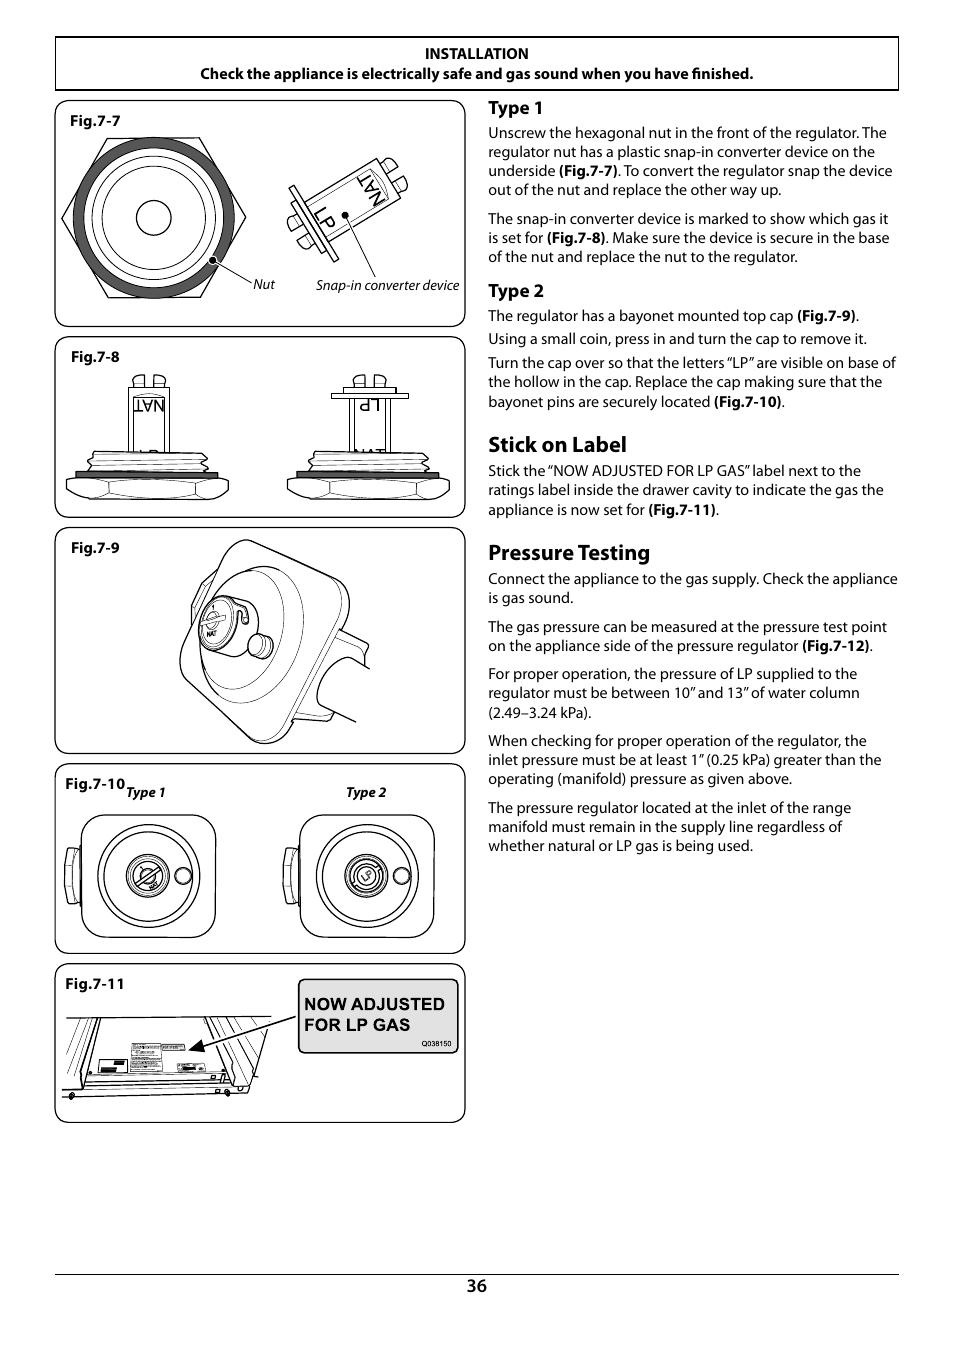 Stick on label, Pressure testing   La Cornue AlberTine 36 User ...